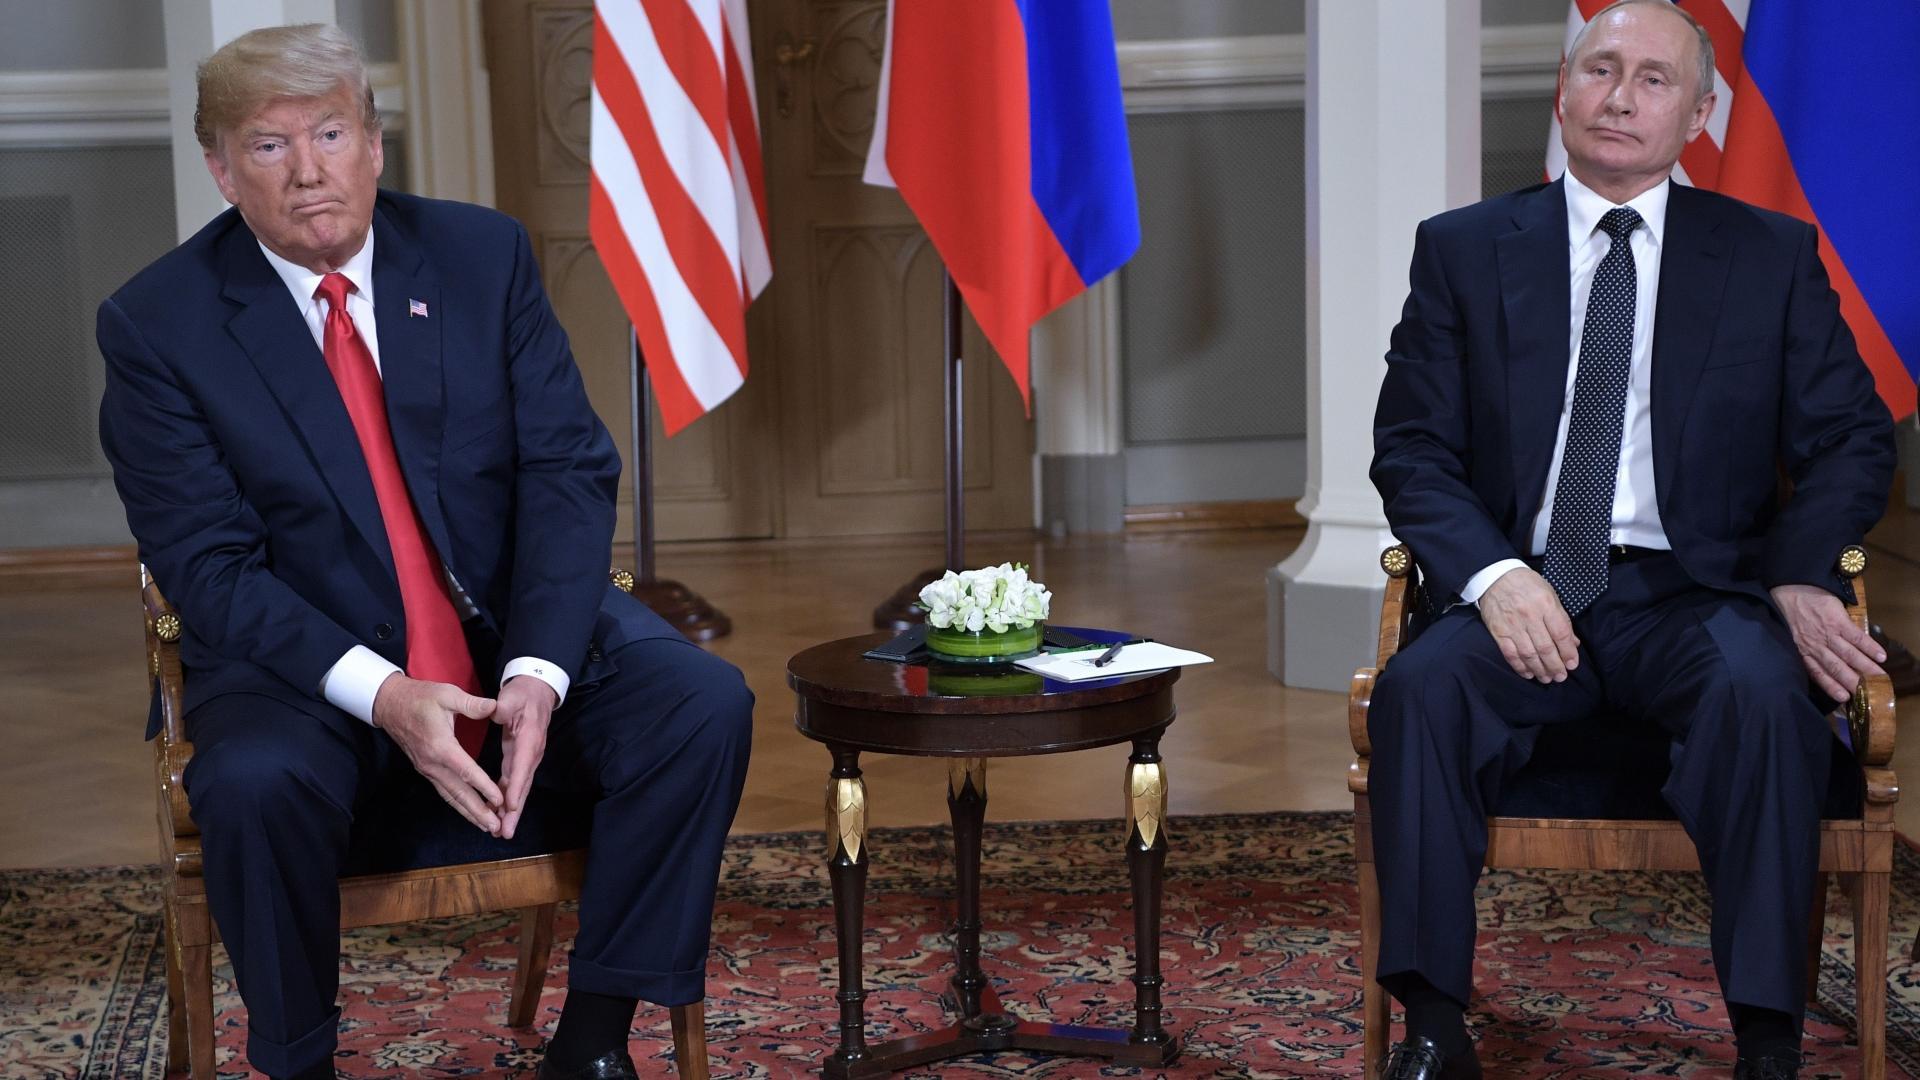 بوتين يوقع قرار تعليق مشاركة روسيا في معاهدة عدم انتشار الأسلحة النووية